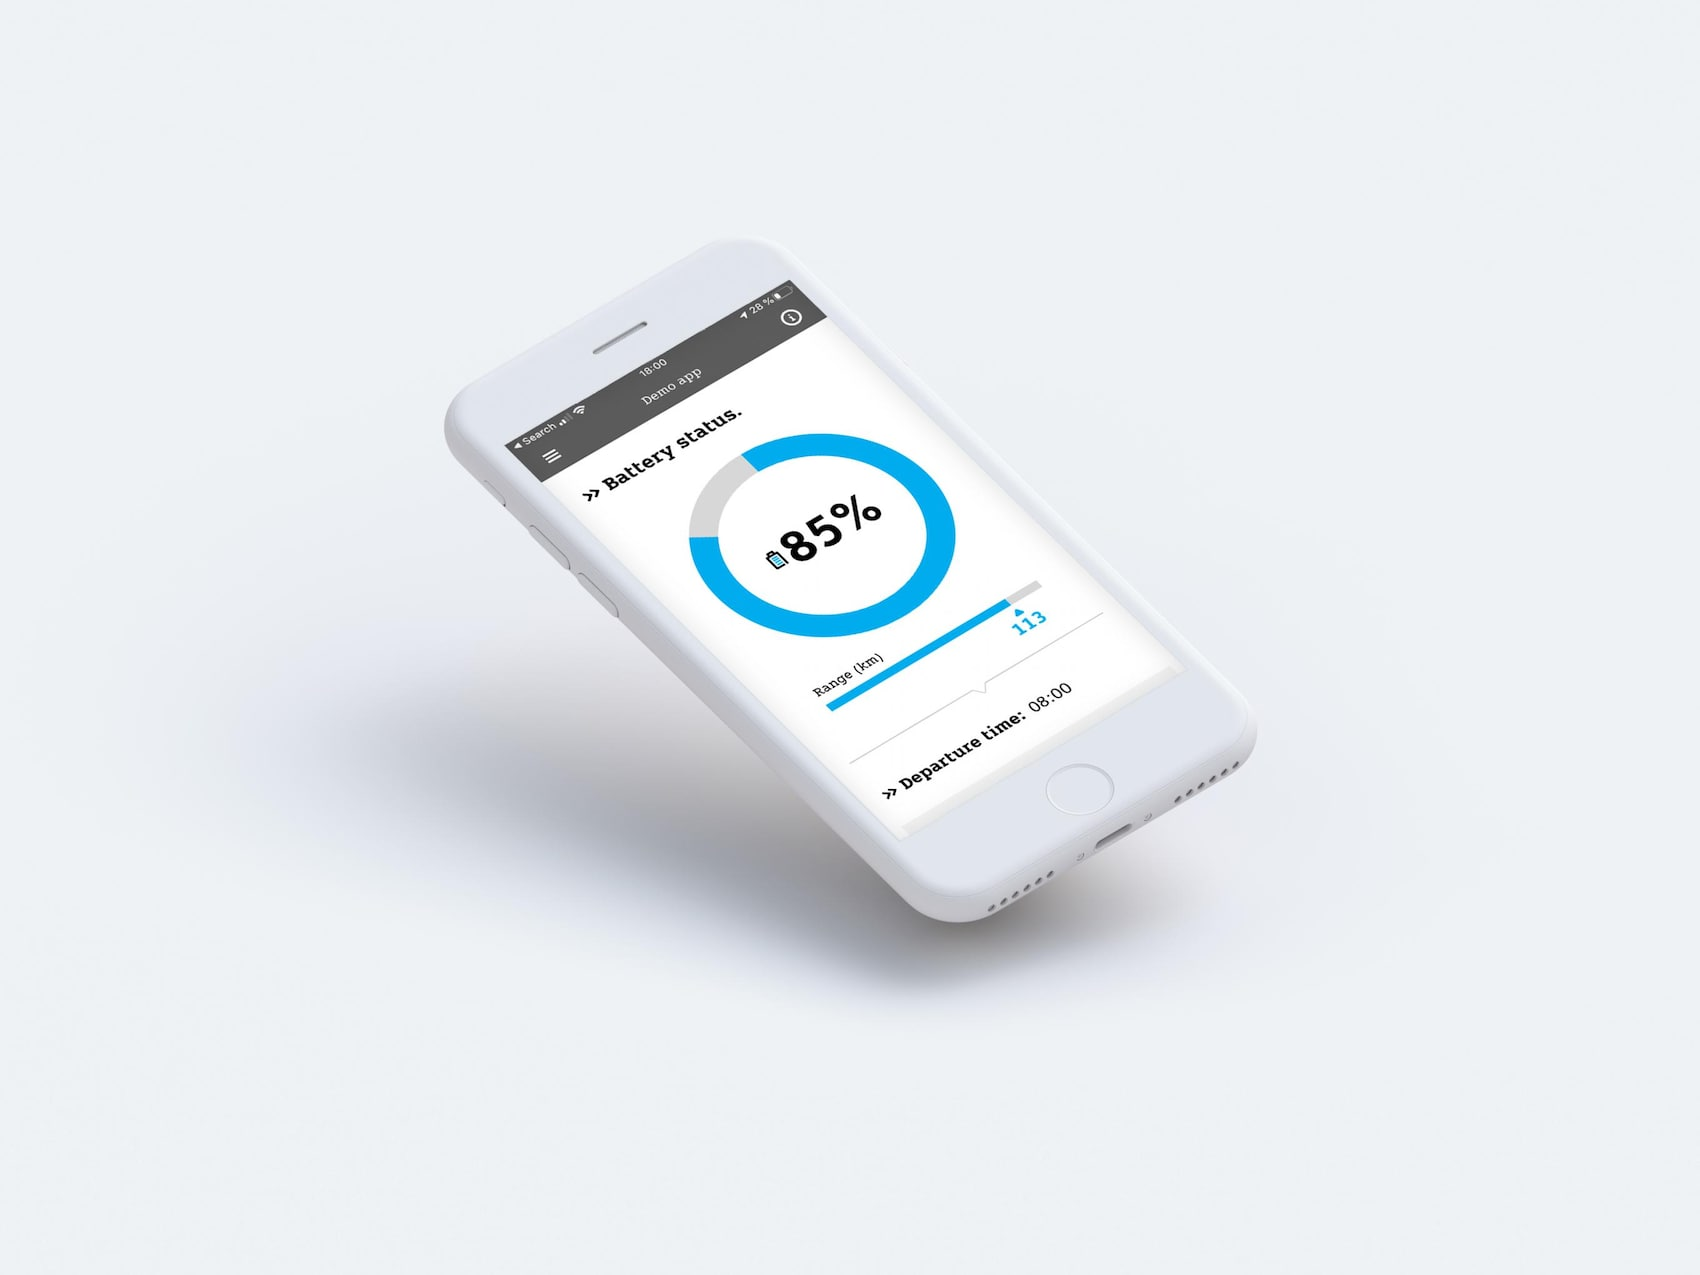 Controllo batteria dell'app smart EQ control